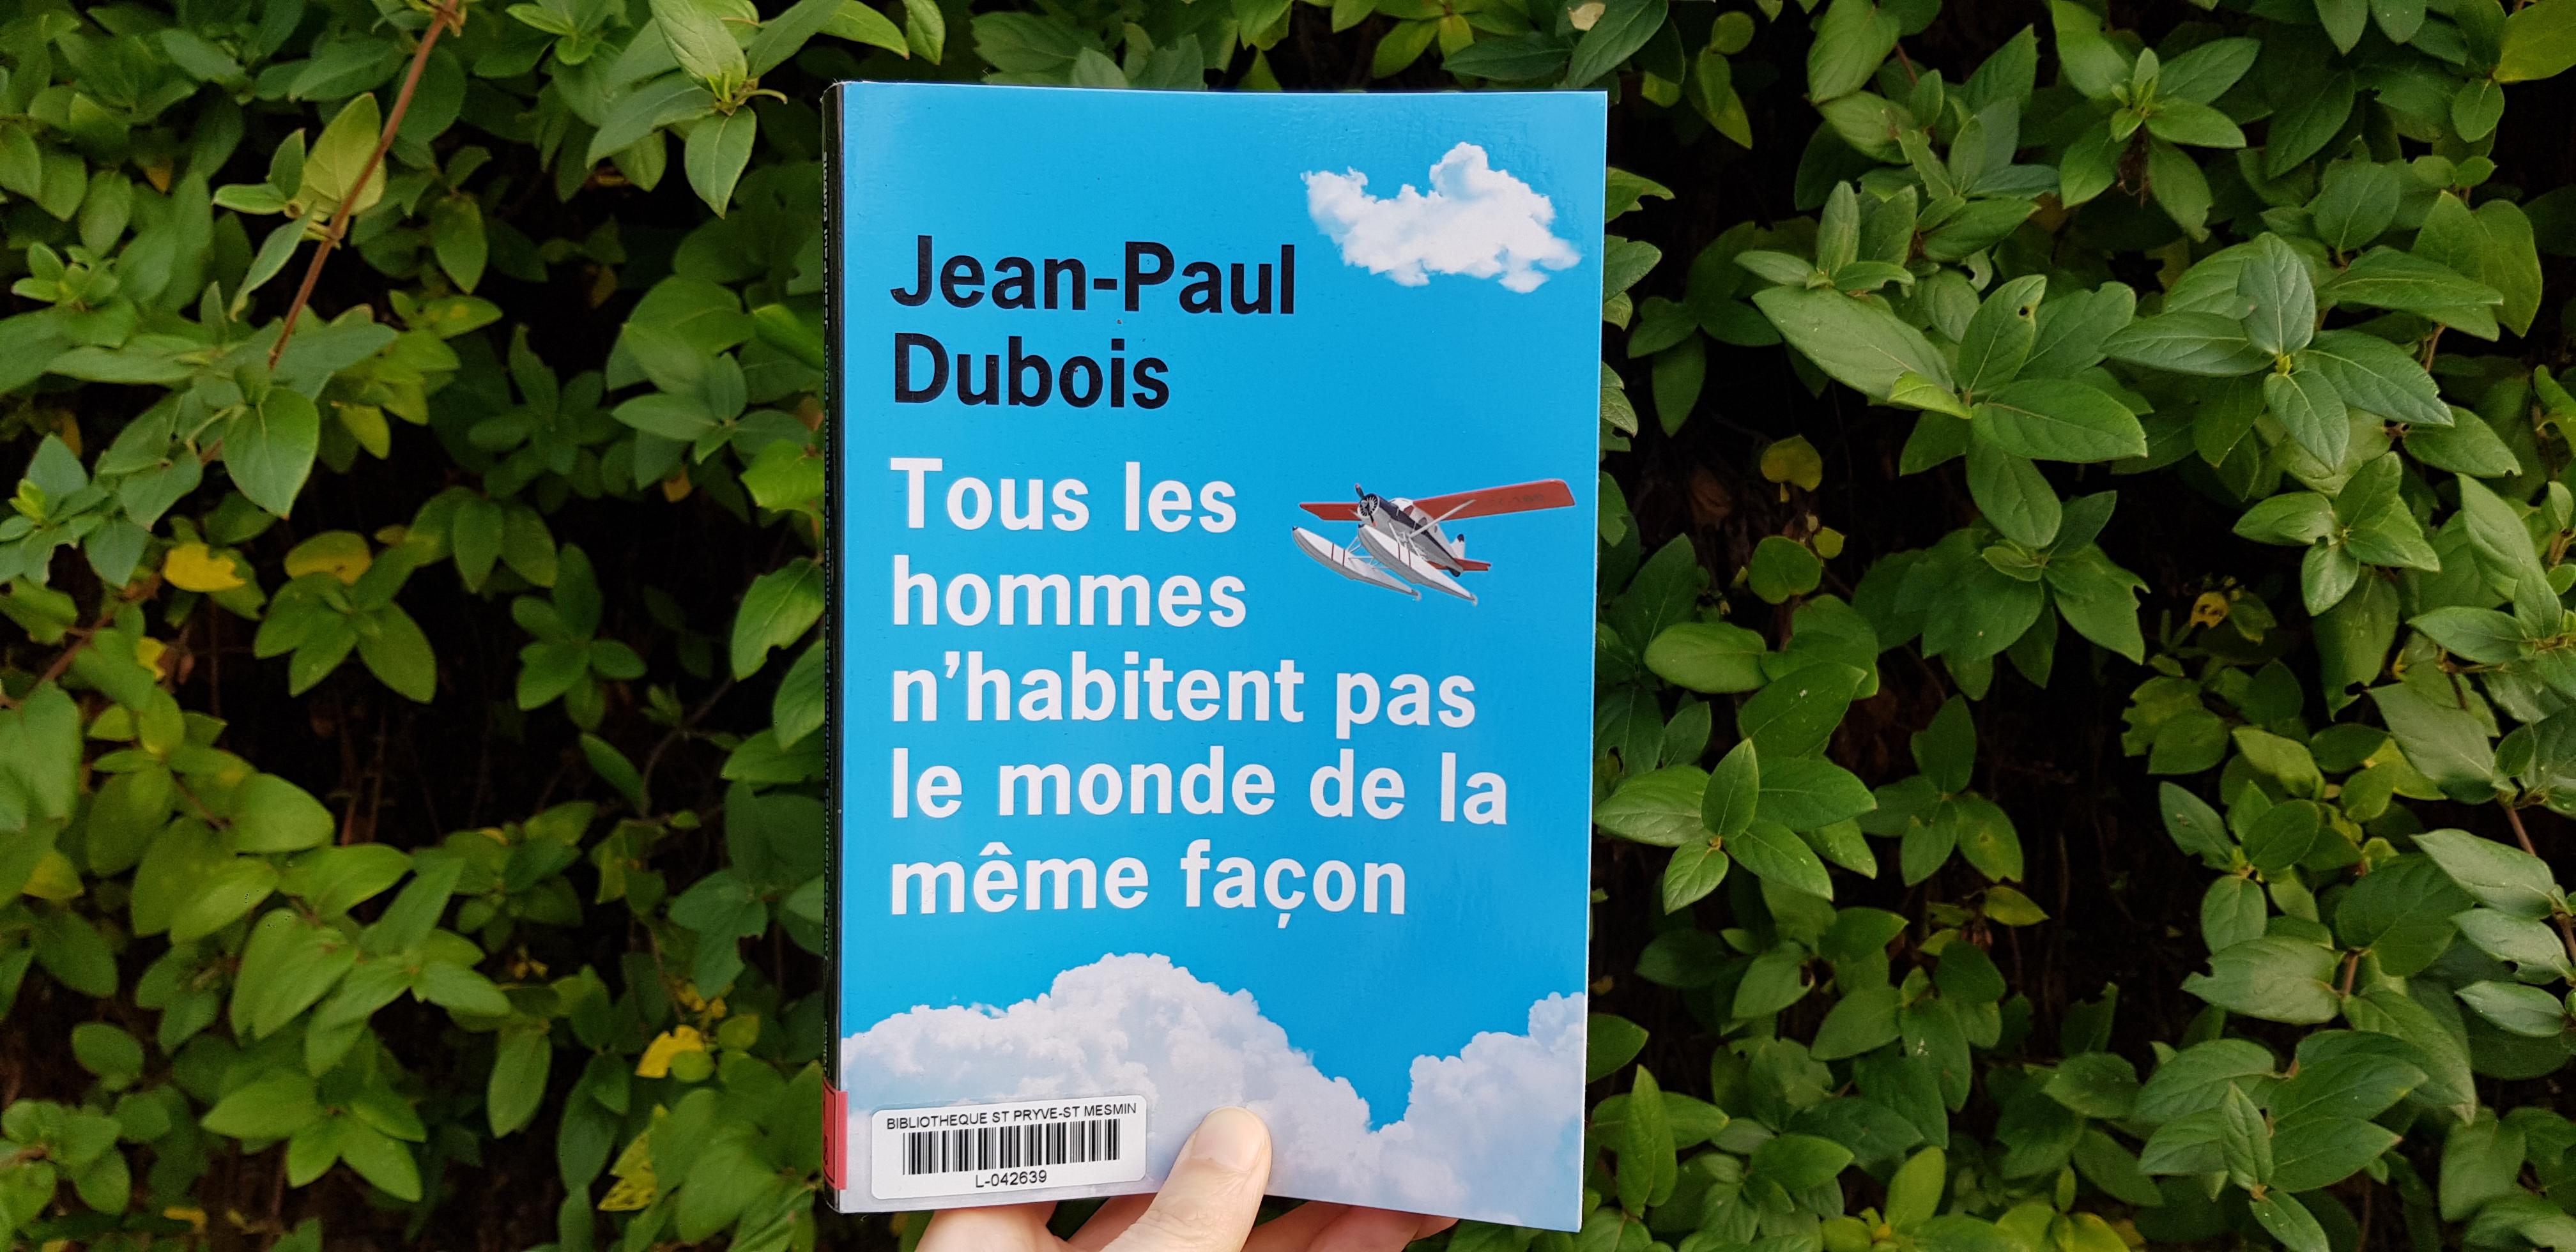 Tous les hommes n'habitent pas le monde de la même façon de Jean-Paul Dubois